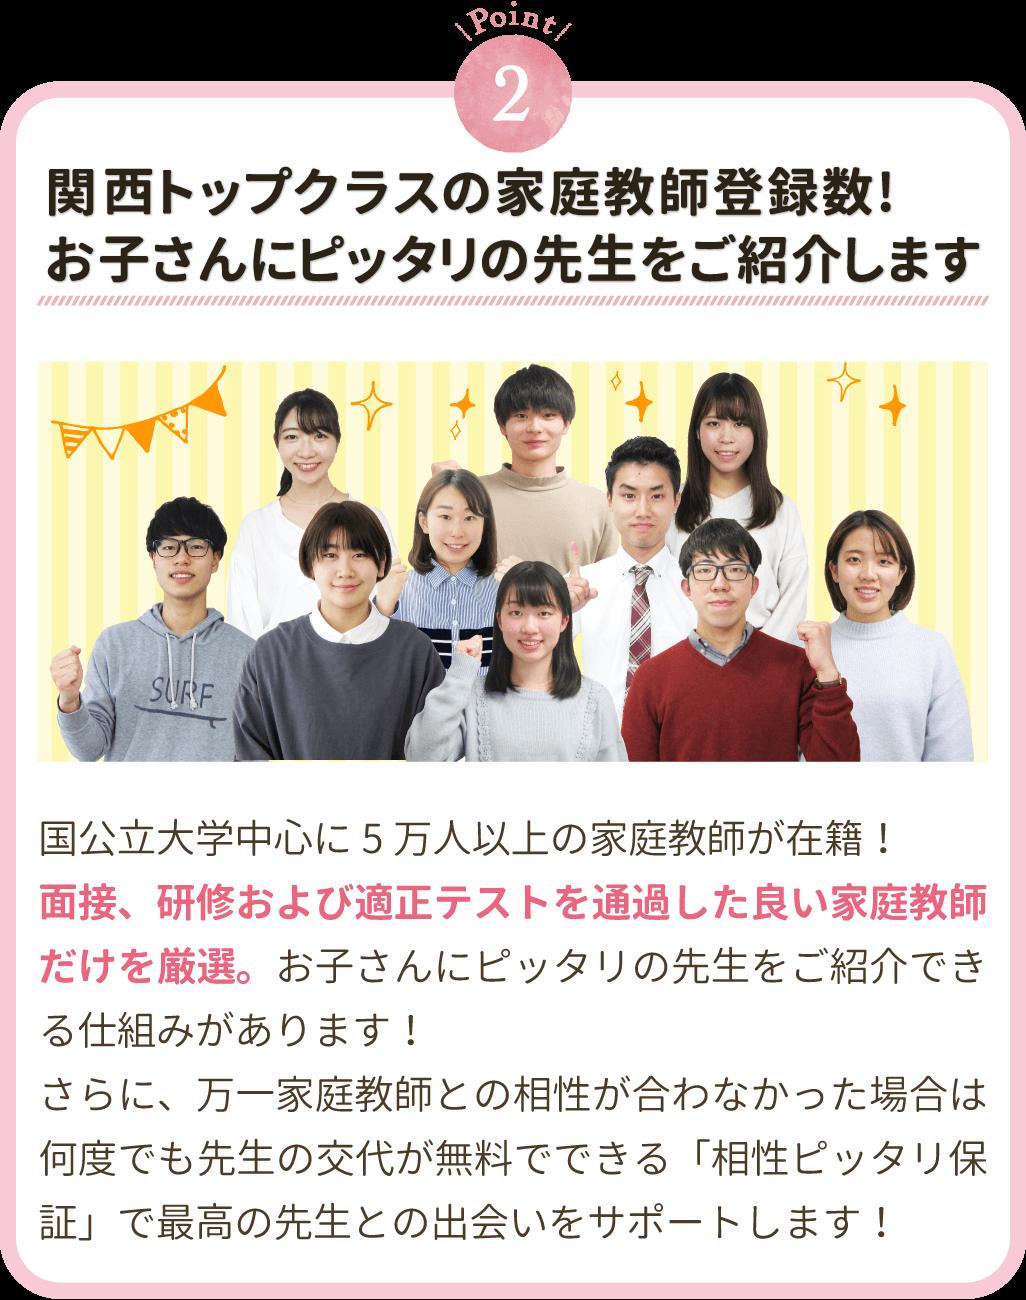 関西エリアトップクラスの家庭教師登録数!ピッタリの先生をご紹介します